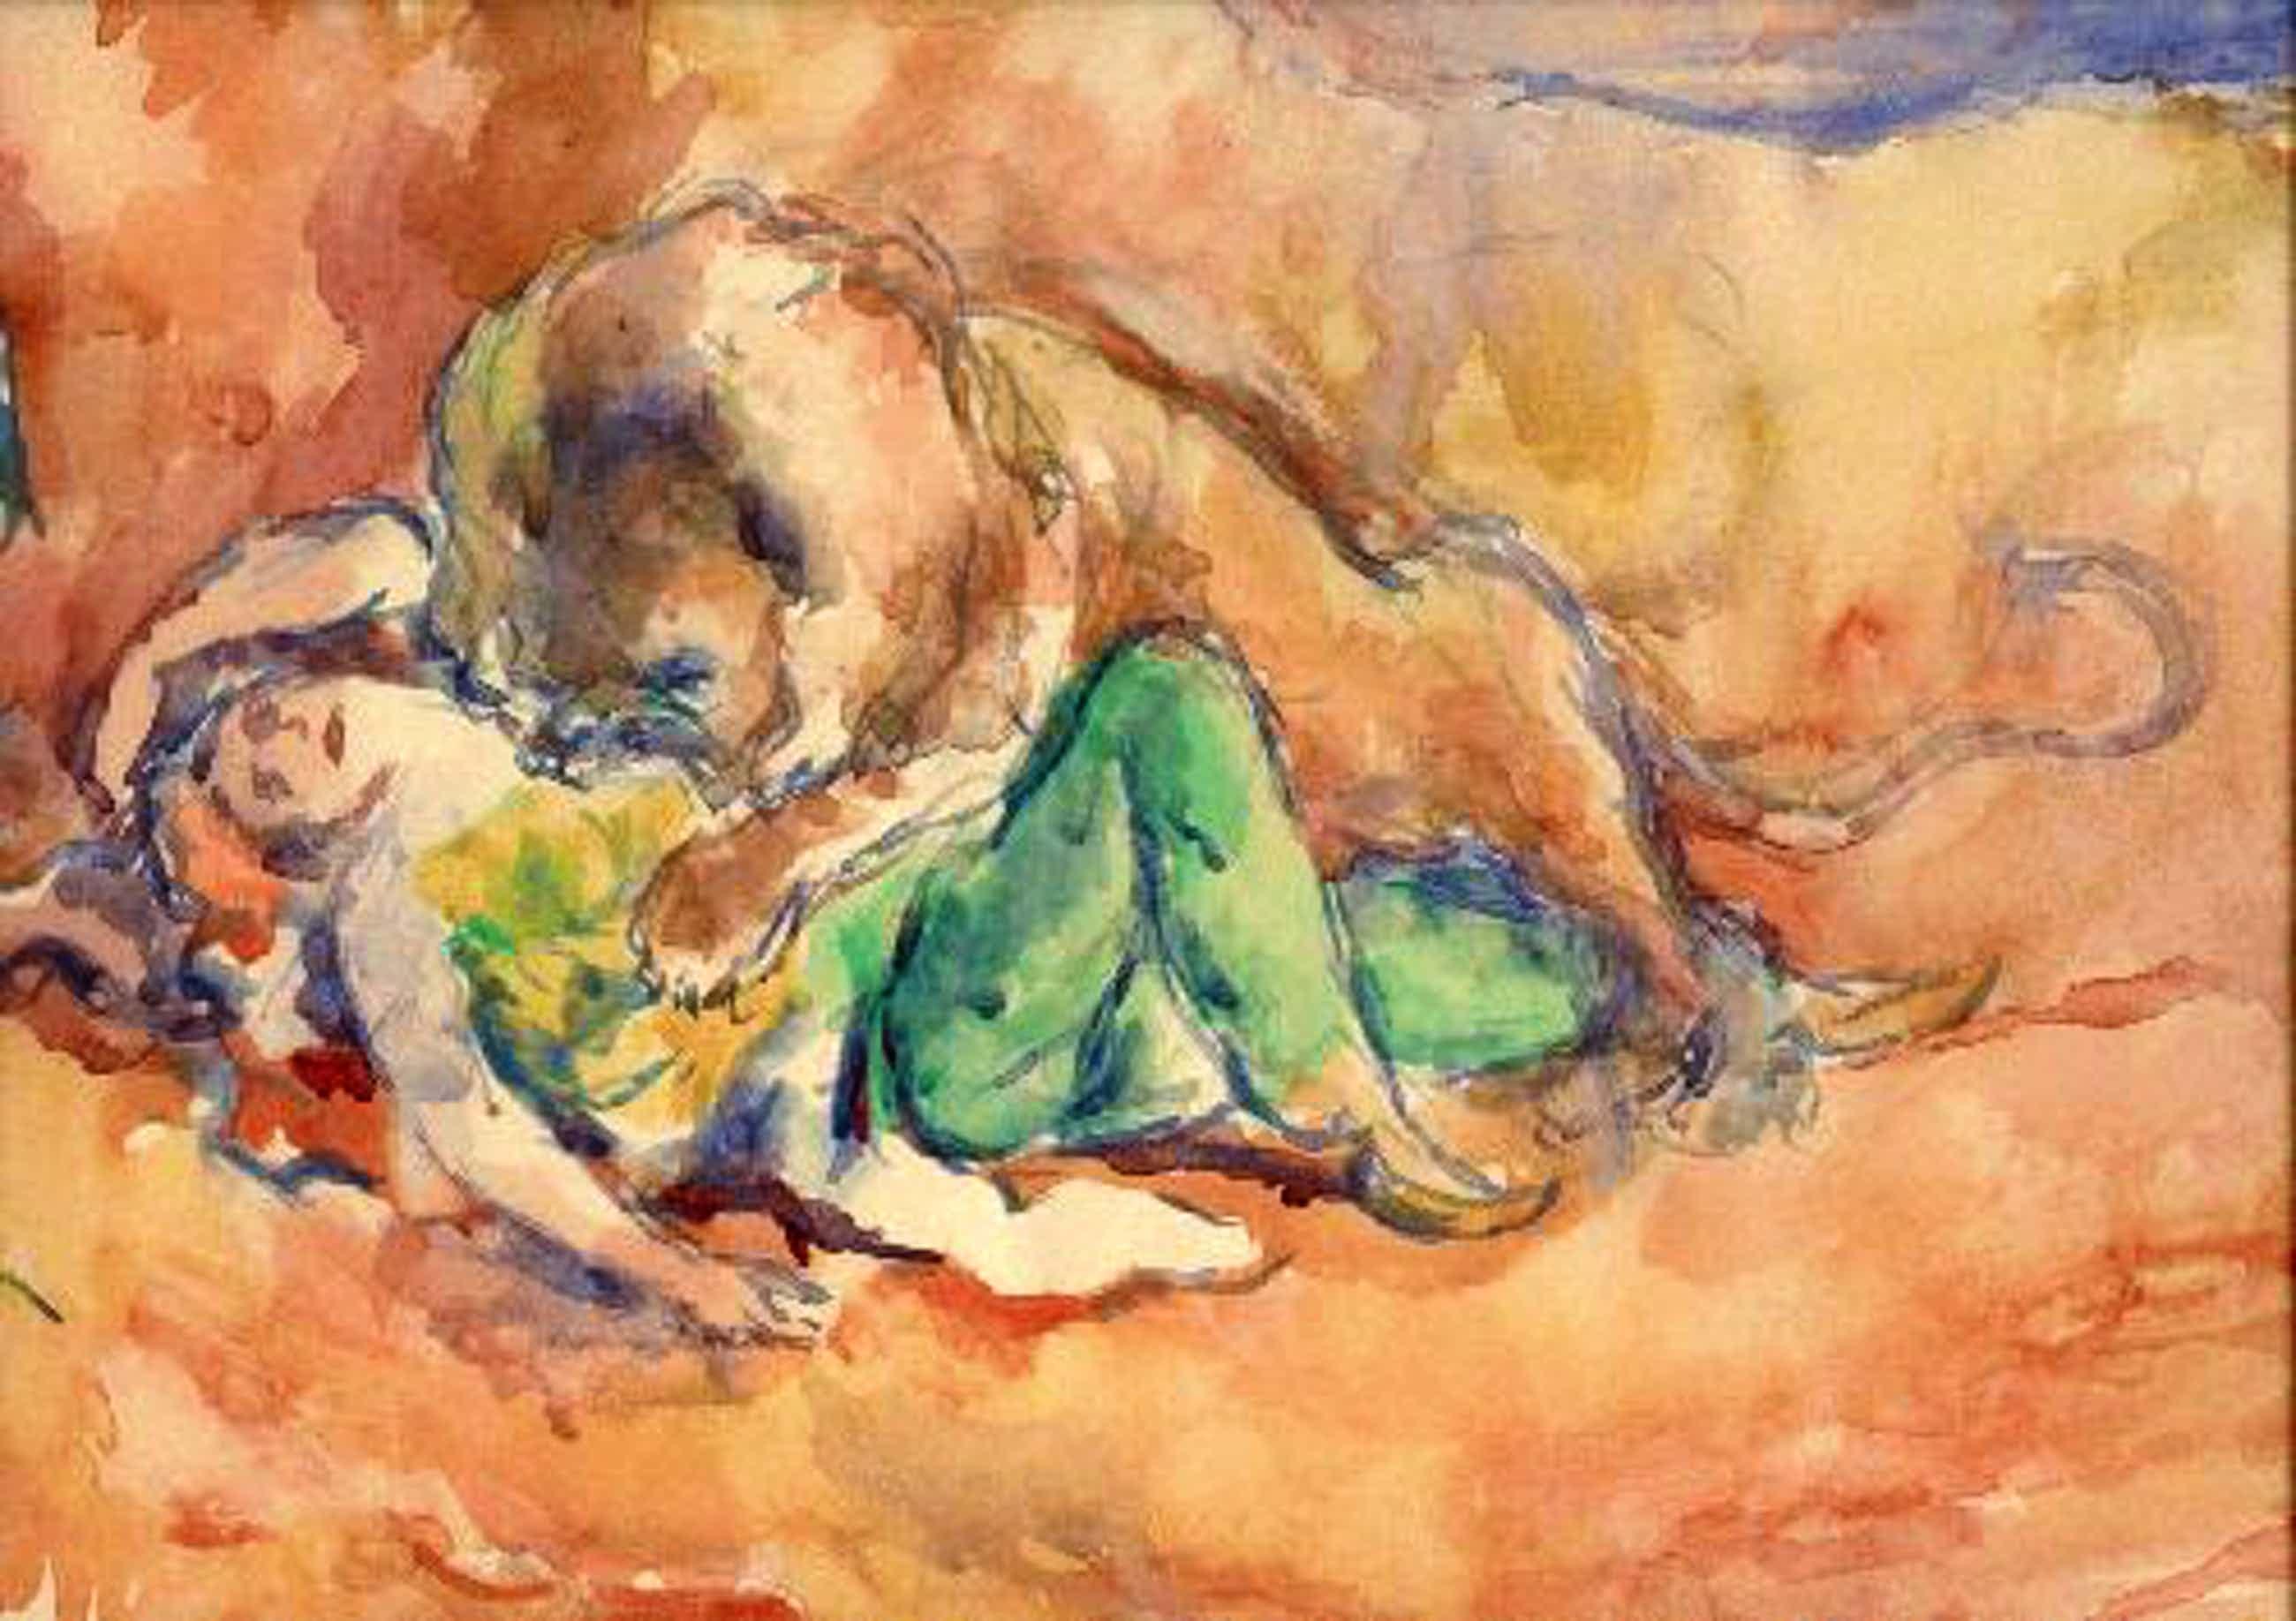 Otto Schubert - Fünf Aquarelle orientalische Szenen, signiert kopen? Bied vanaf 1600!